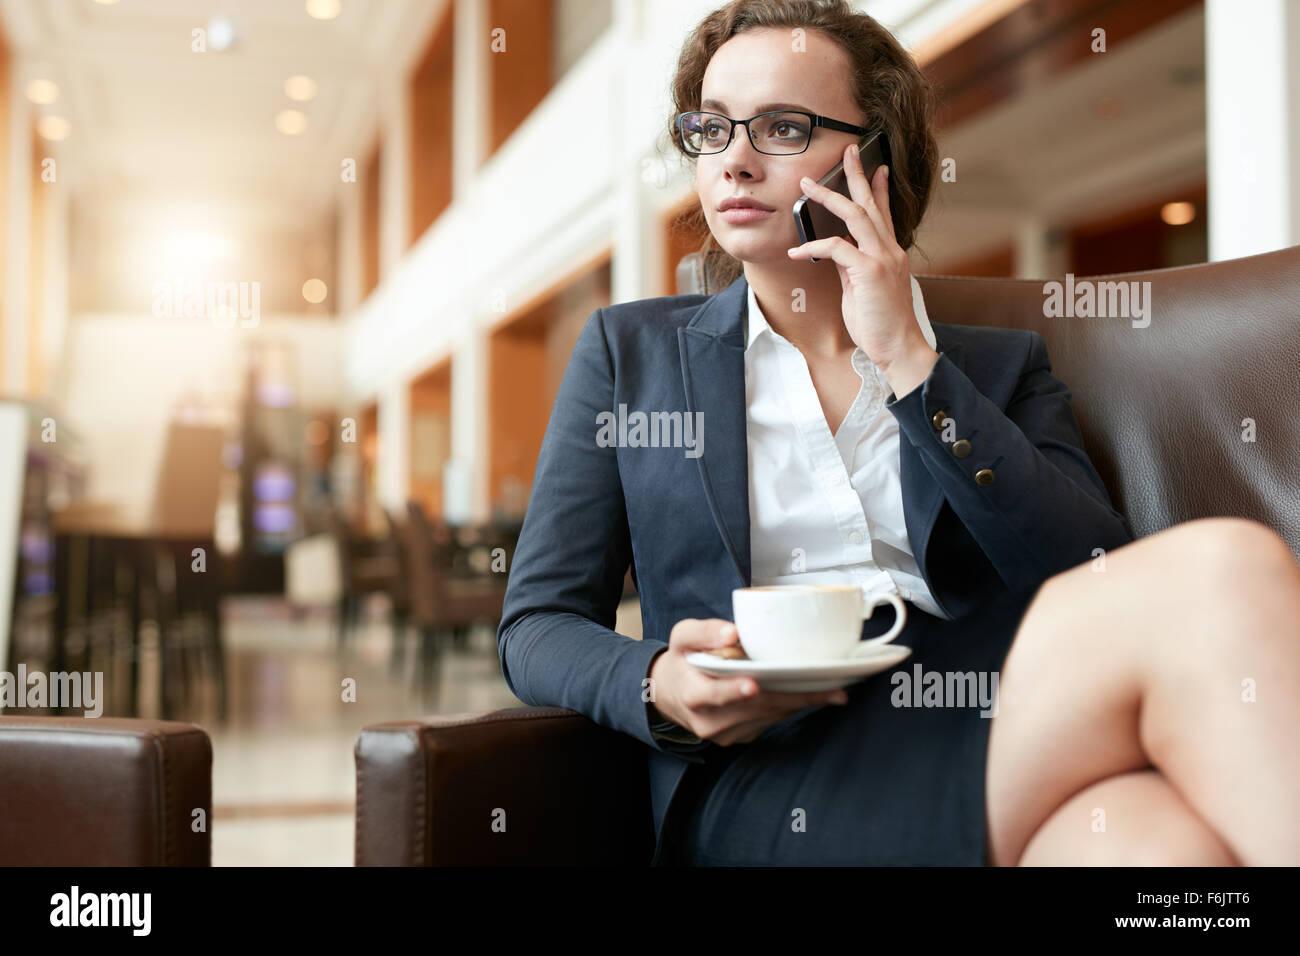 Porträt der Geschäftsfrau im Coffee Shop mit Handy sitzen. Weibliche Führungskraft mit Tasse Kaffee Stockbild